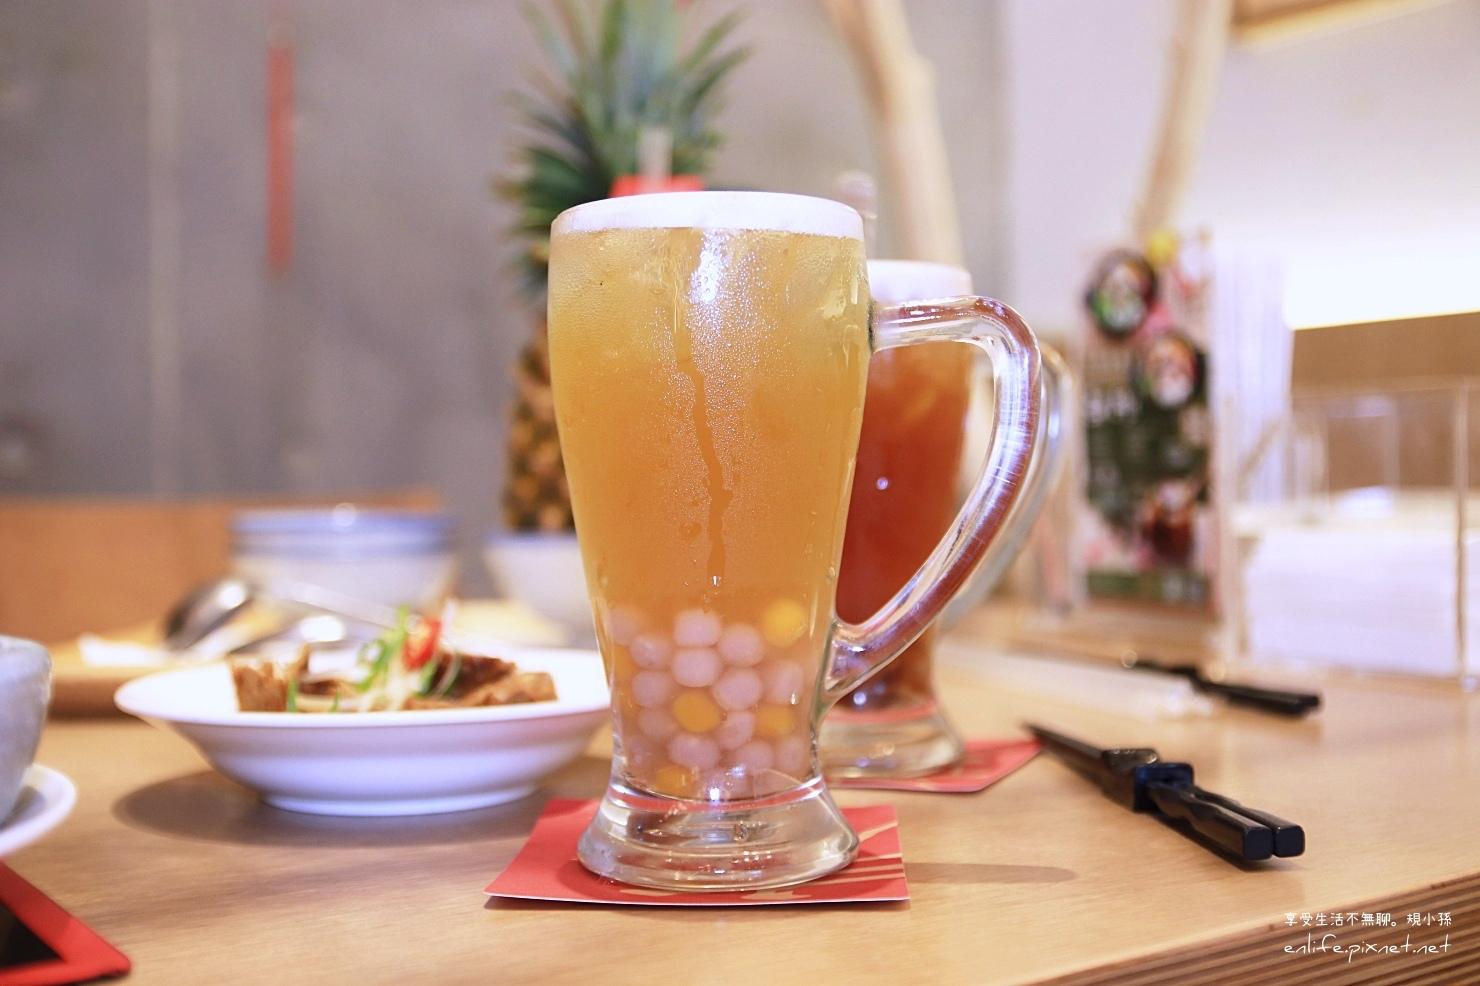 台中美食有春茶館-小芋圓綠茶